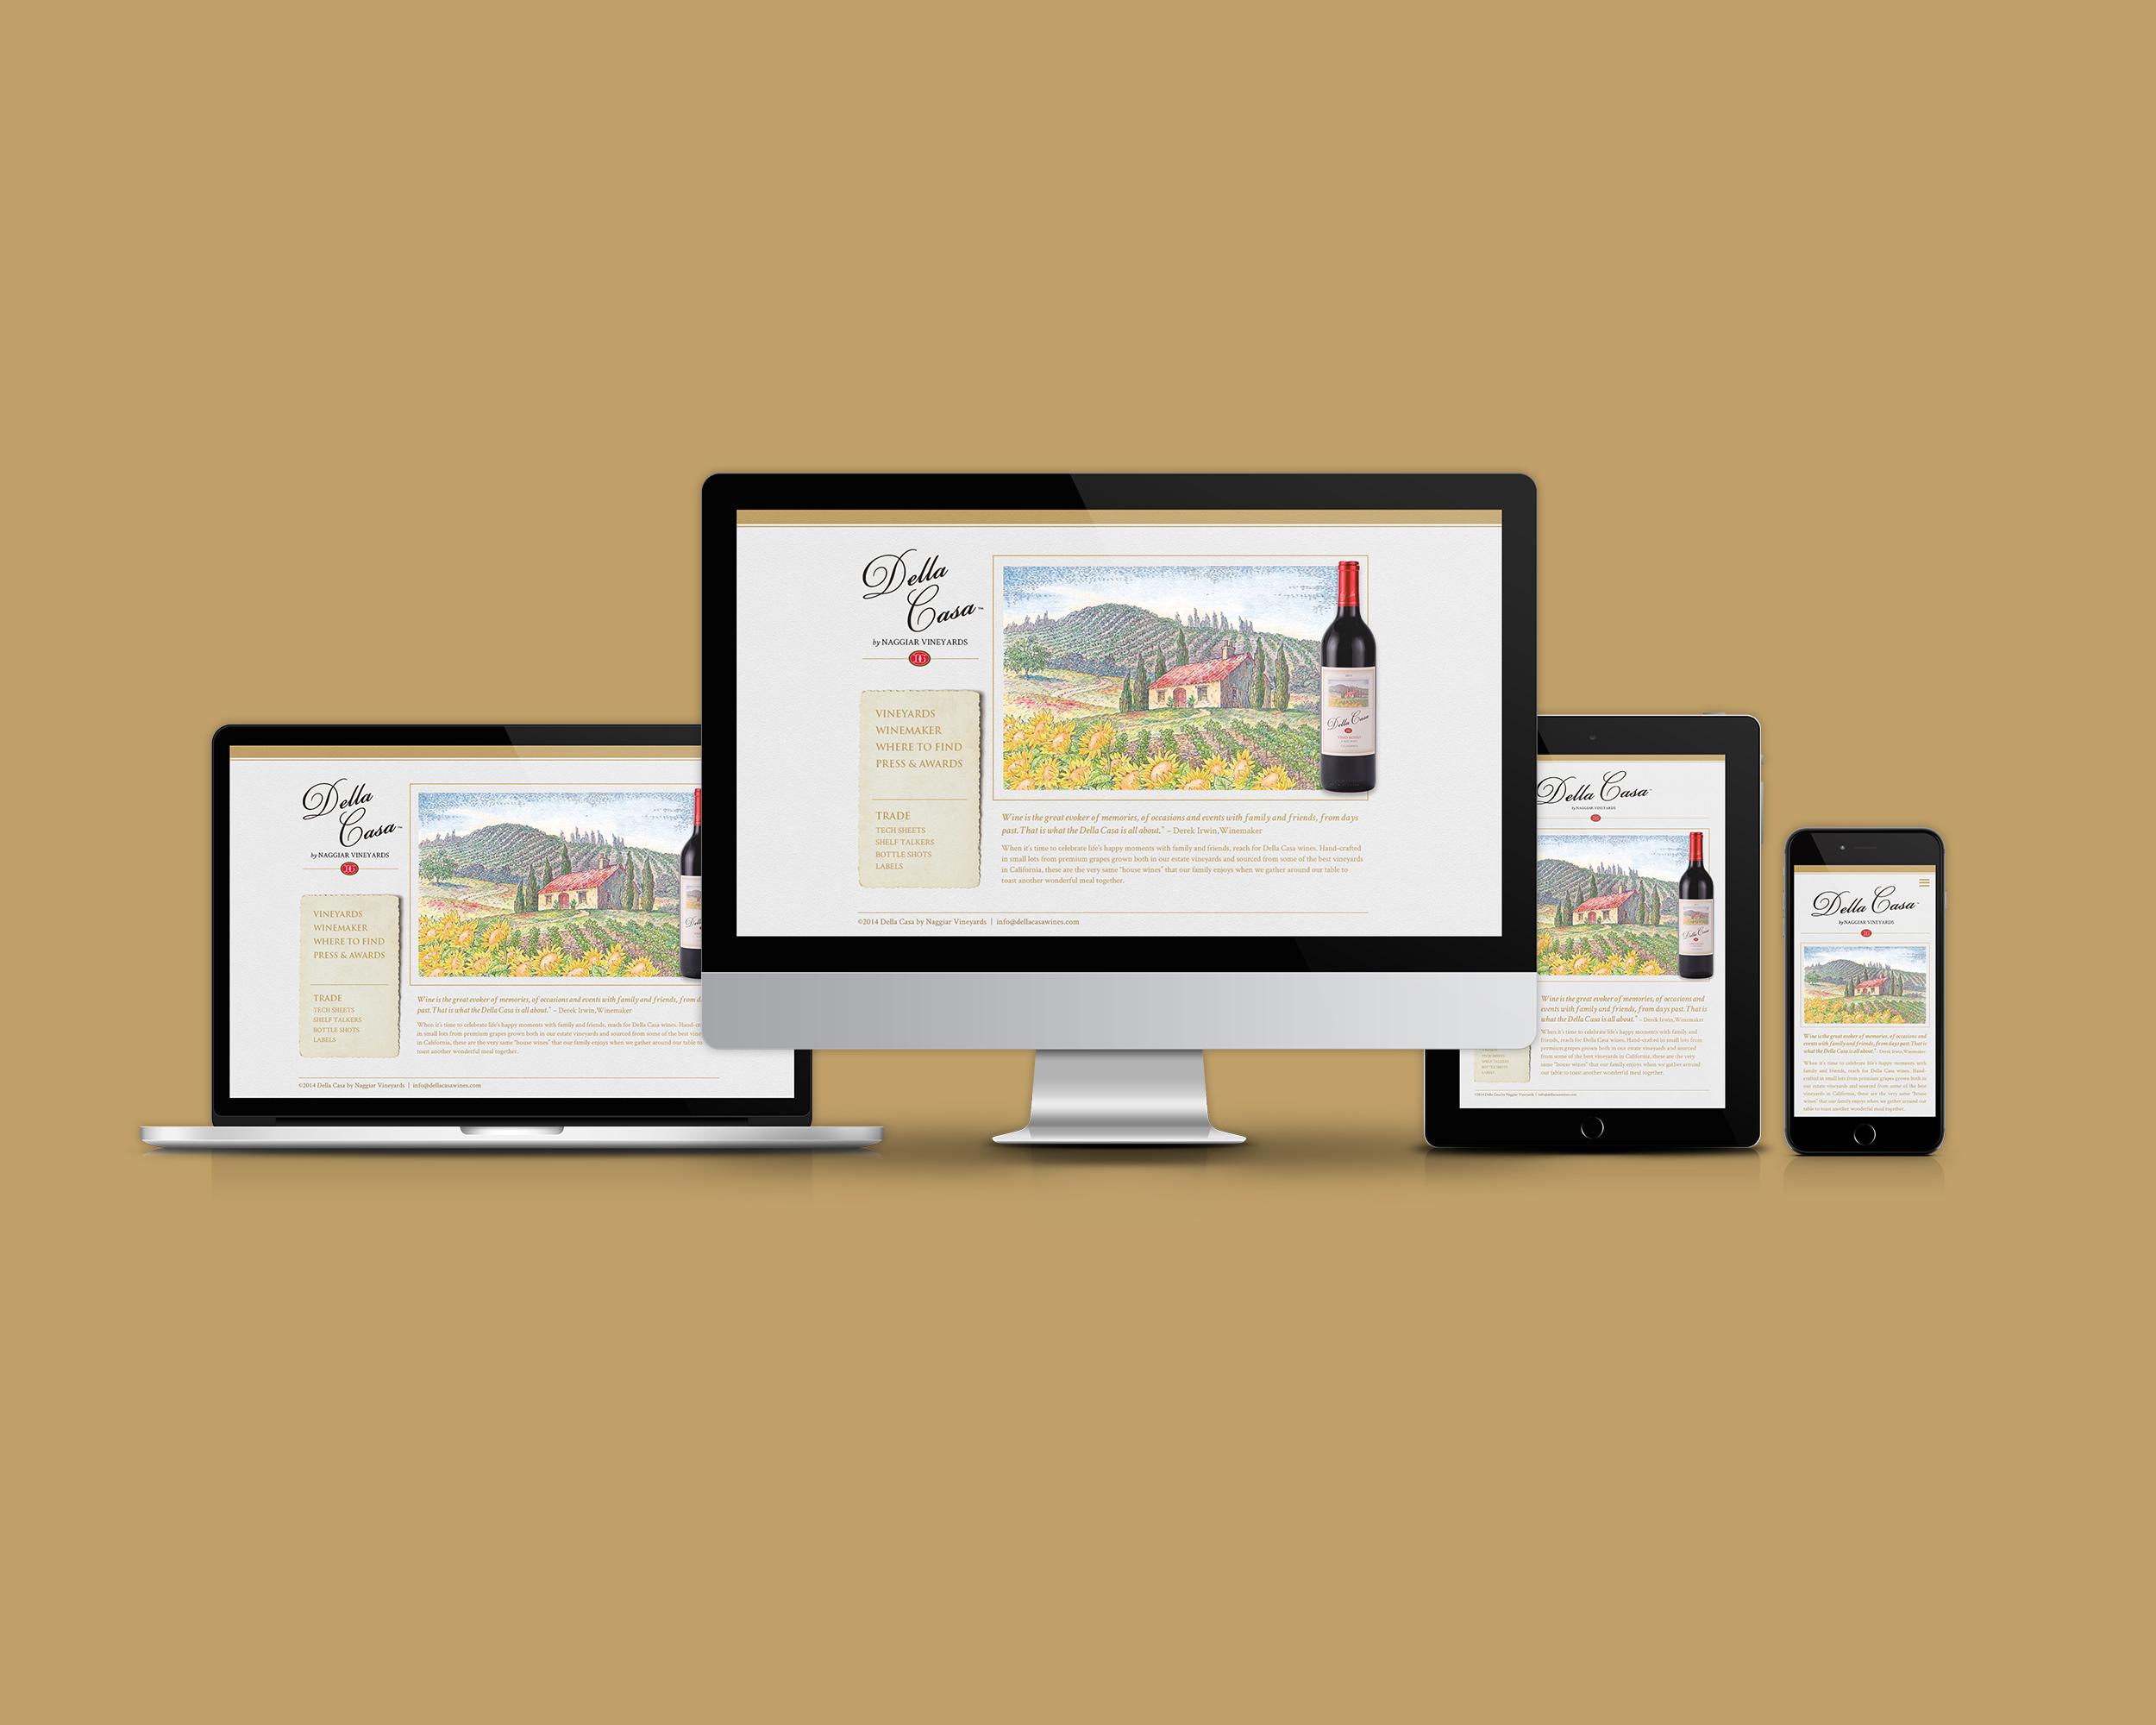 Della Casa Website